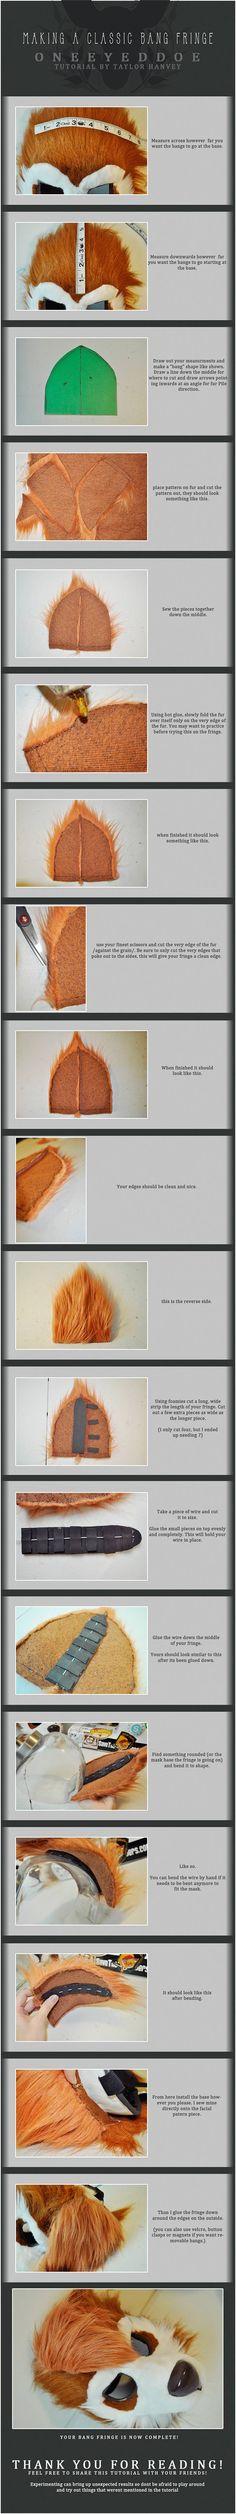 Fursuit bangs tutorial